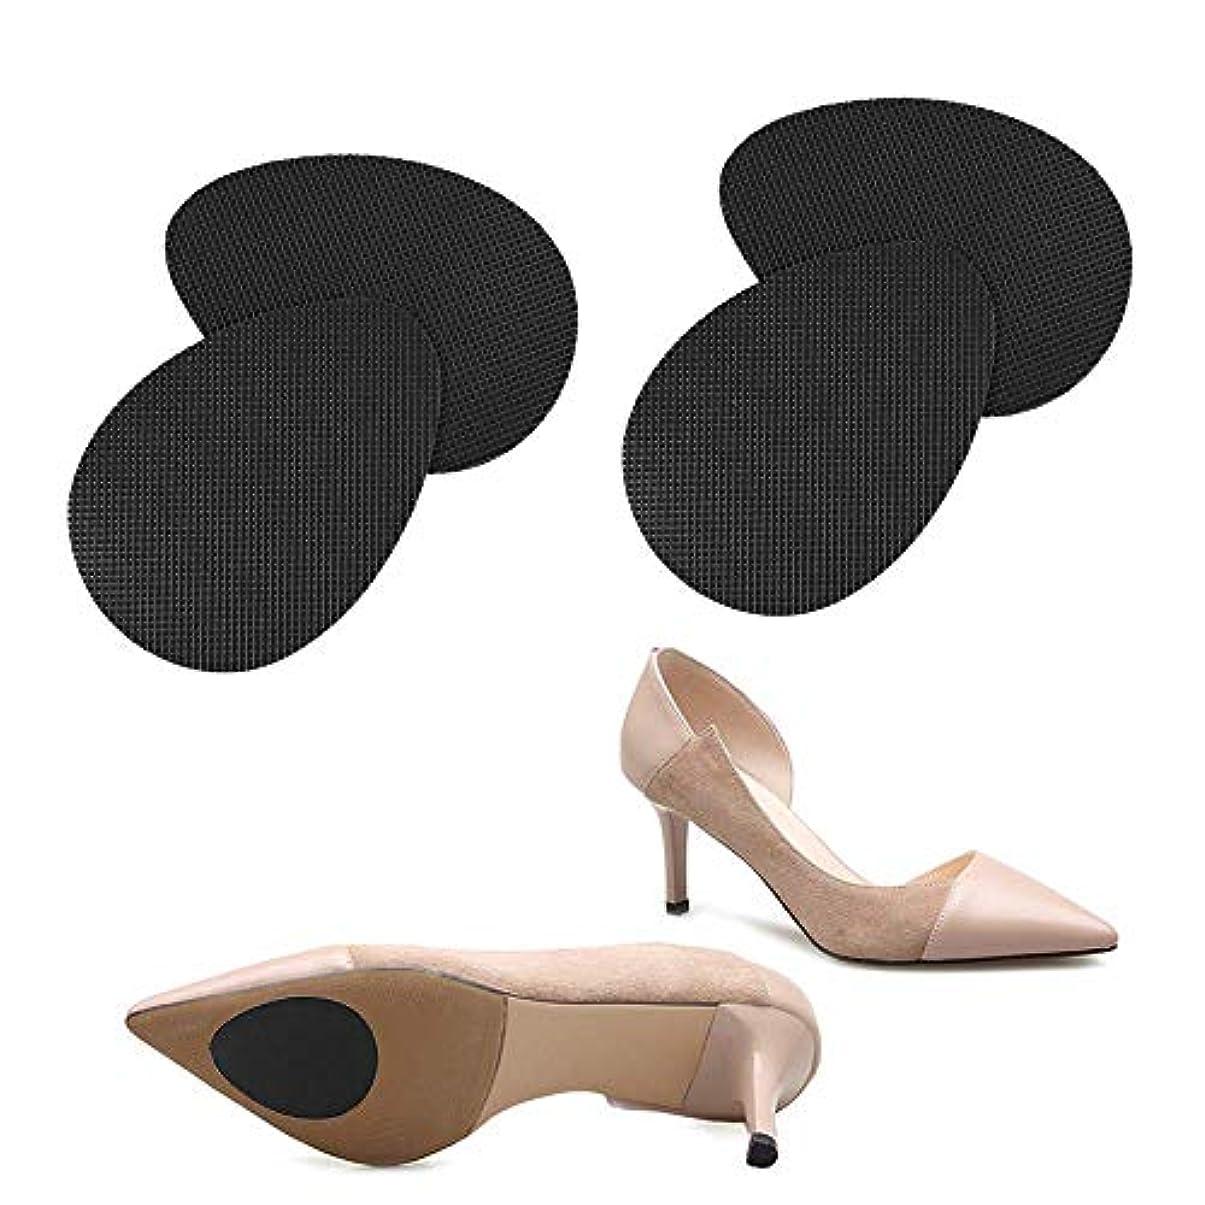 連鎖数値スラムWAGOCORO靴 ハイヒール 滑り止め ステッカー スリップガード 保護 シート つま先 かかと 滑り止め (2足 4枚入り)